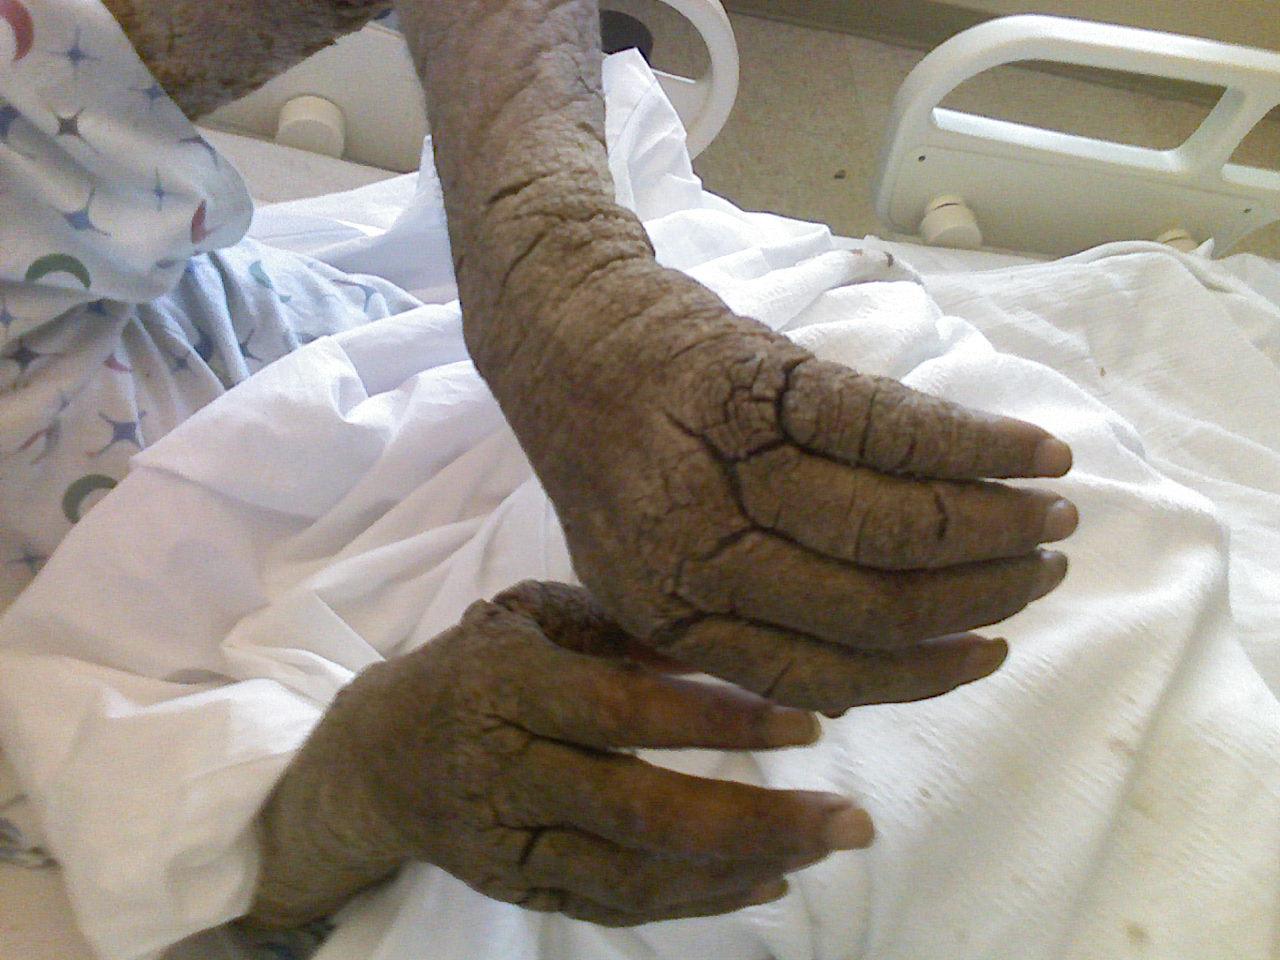 Körülírt vörös foltok a felkaron - Bőrbetegségek